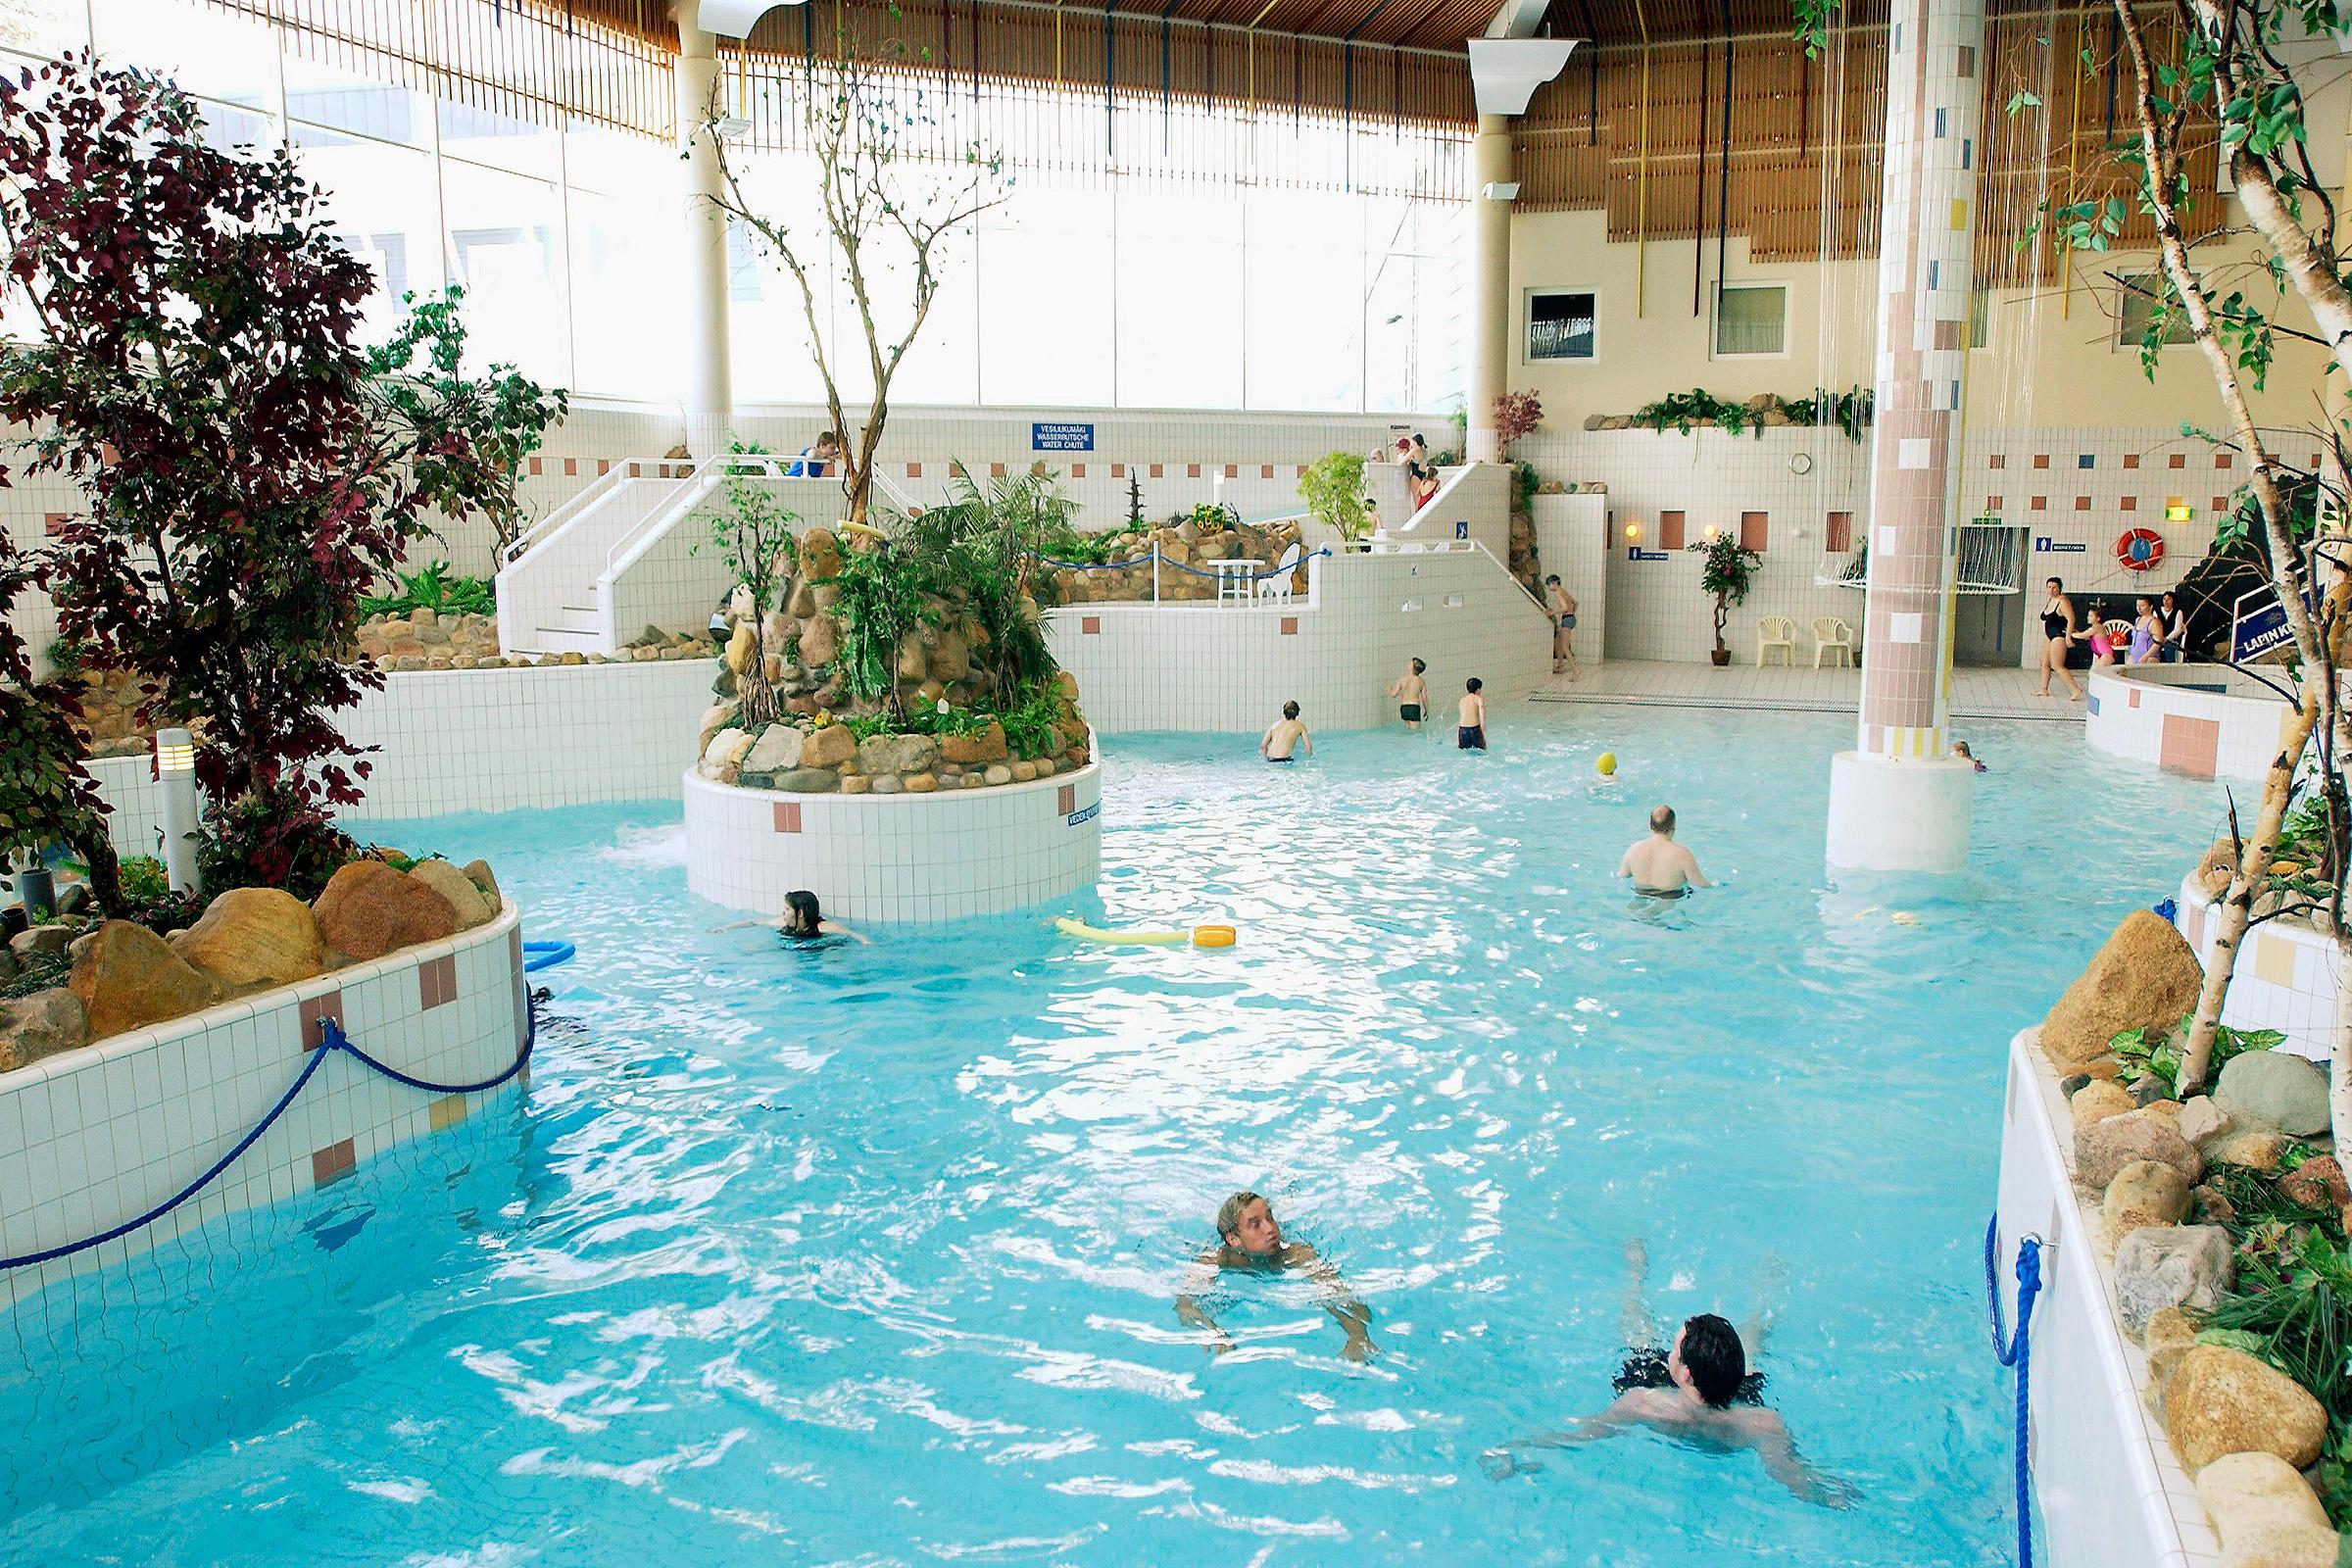 saariselkä-hotelli-kylpylä2-2500x1600